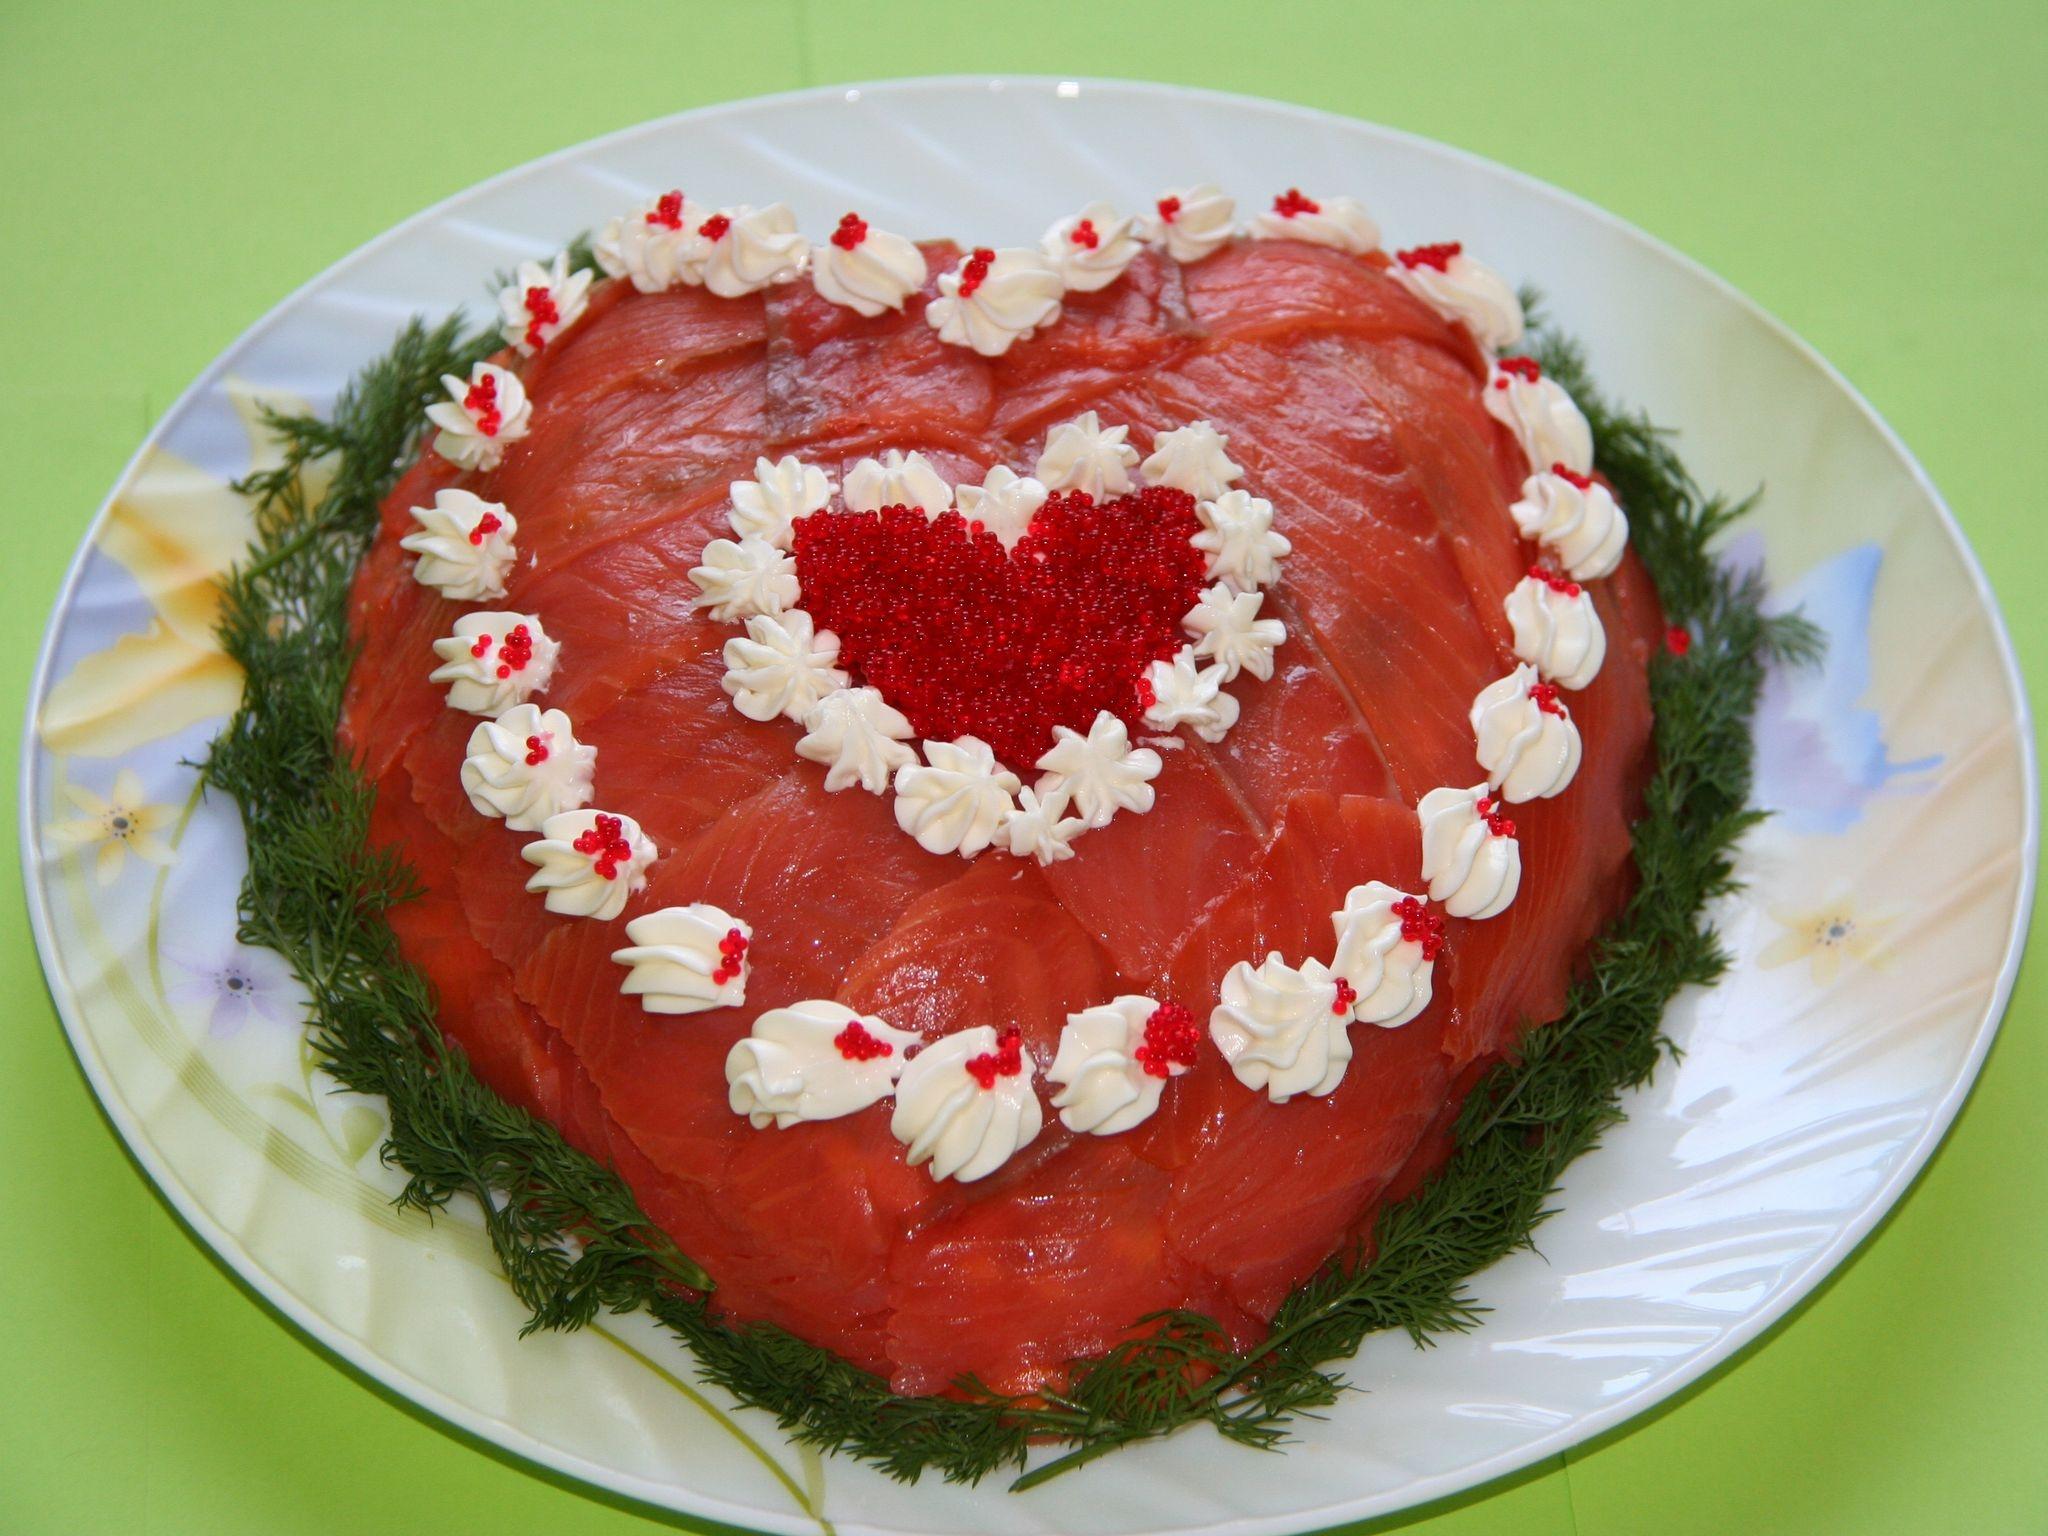 всегда рецепты салатов с фото в виде сердца зрителям хорошо знакомы